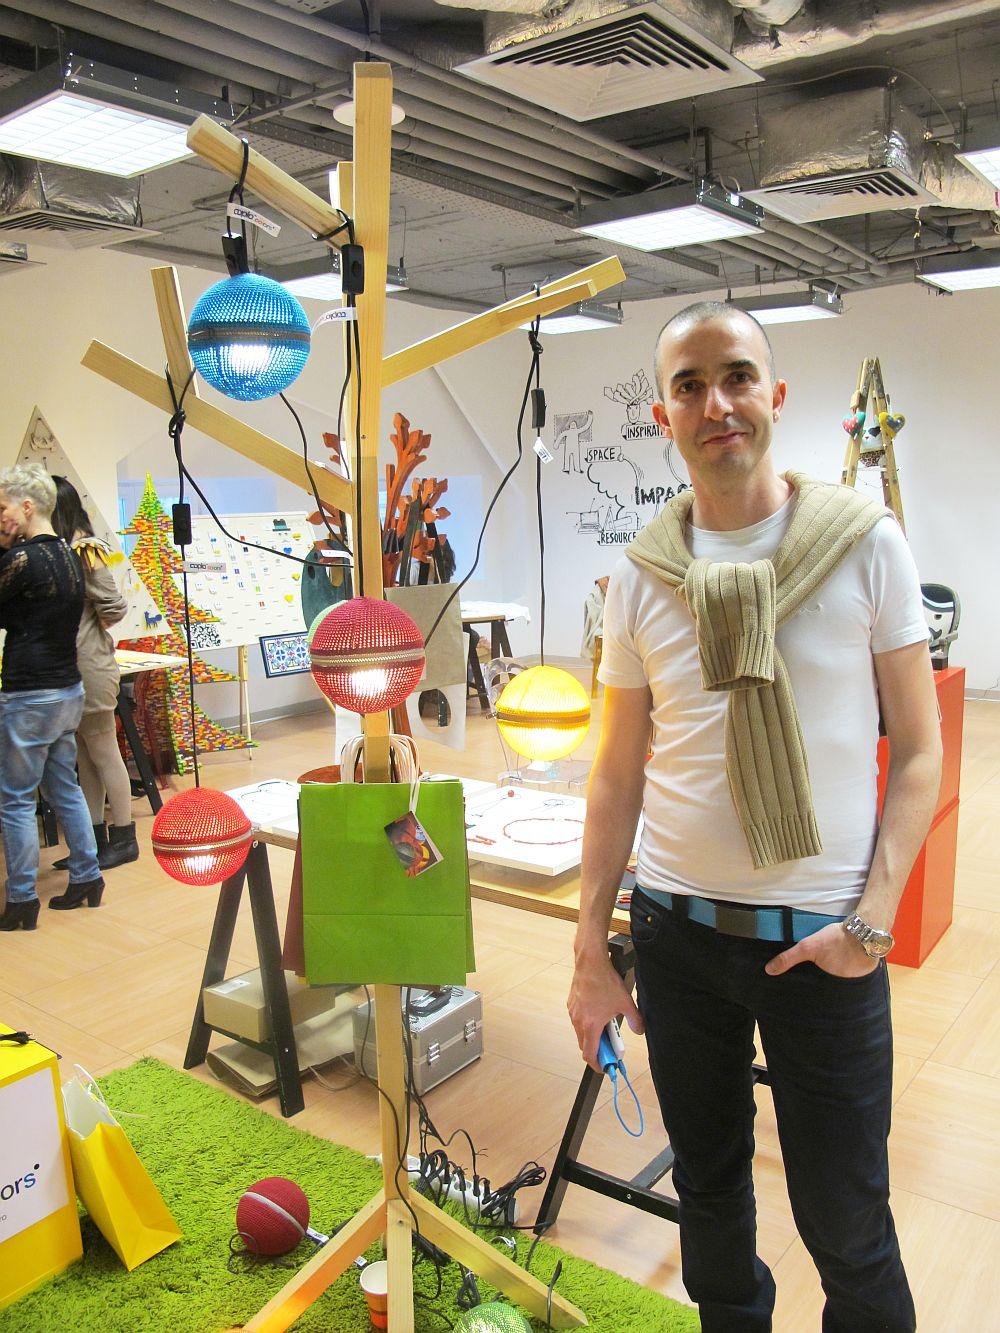 Designerul Dragos Dogarul alaturi de lampile Cuplo Colors